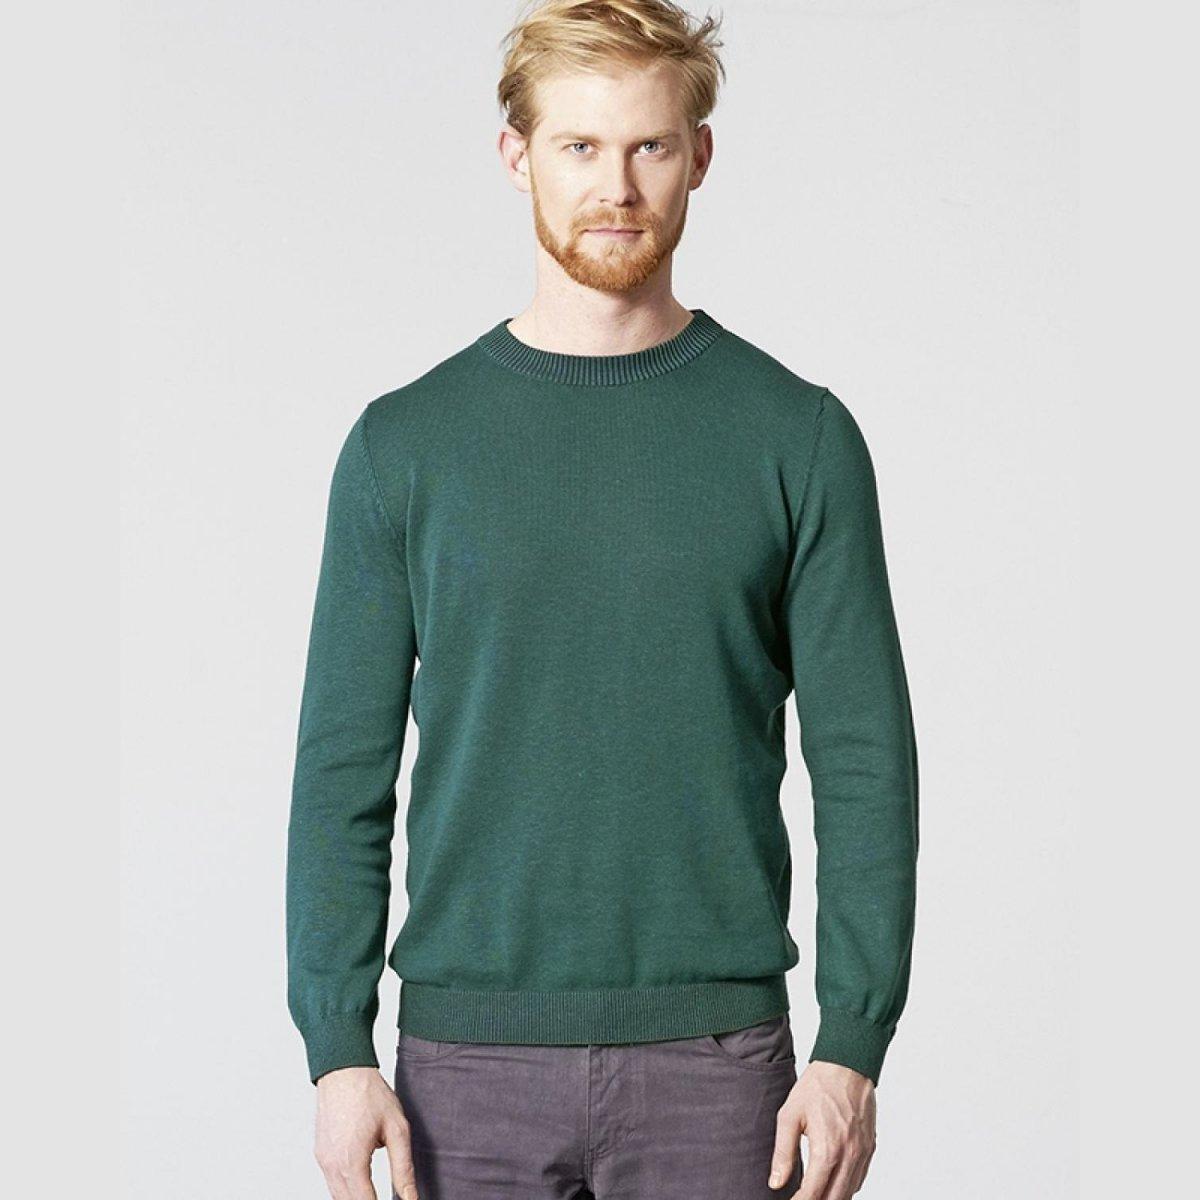 Pullover uomo a maglia in canapa e cotone biologico